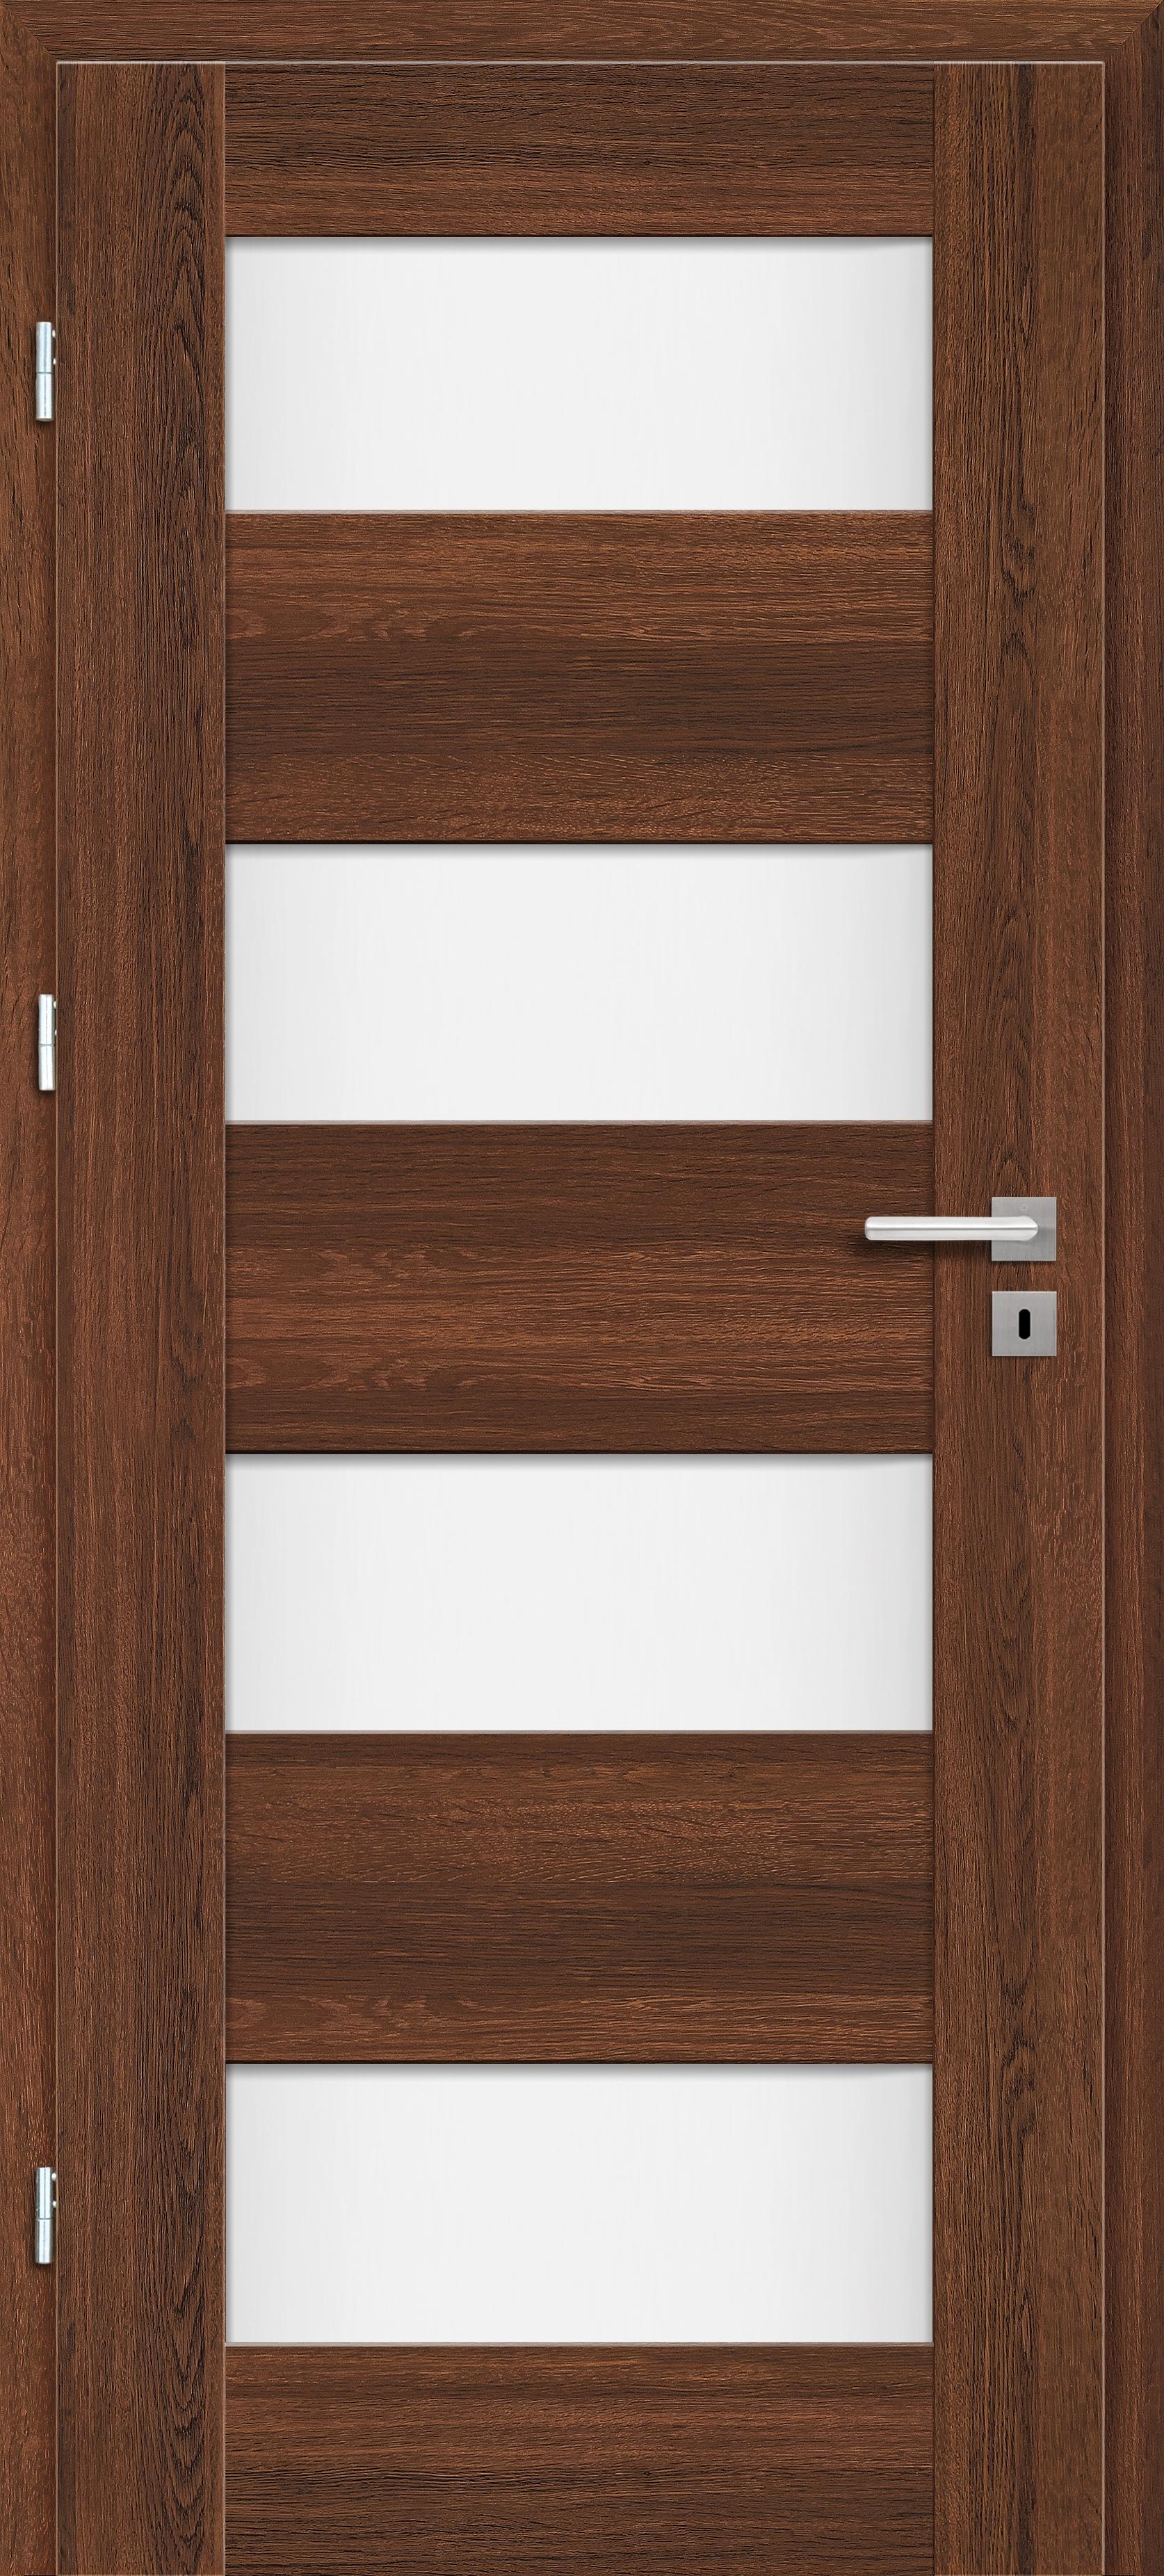 Interiérové dveře Erkado Debecie ve fólii + zárubeň